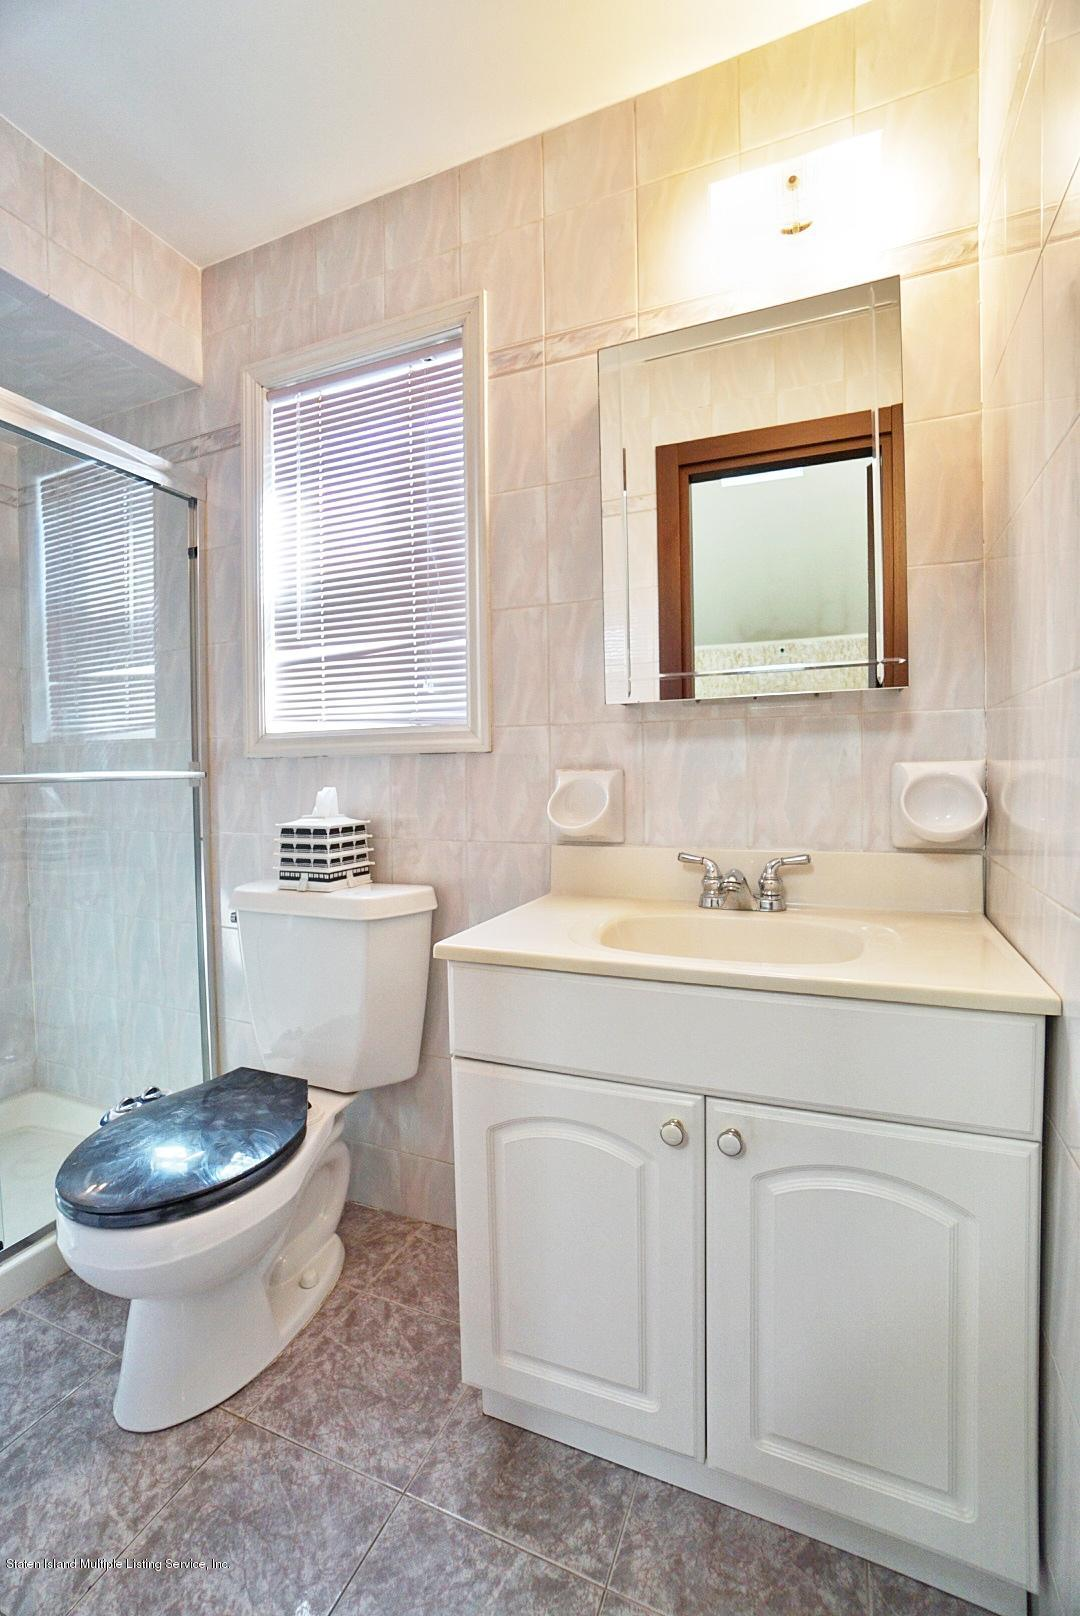 Single Family - Detached 329 Mcbaine Avenue  Staten Island, NY 10309, MLS-1127552-14